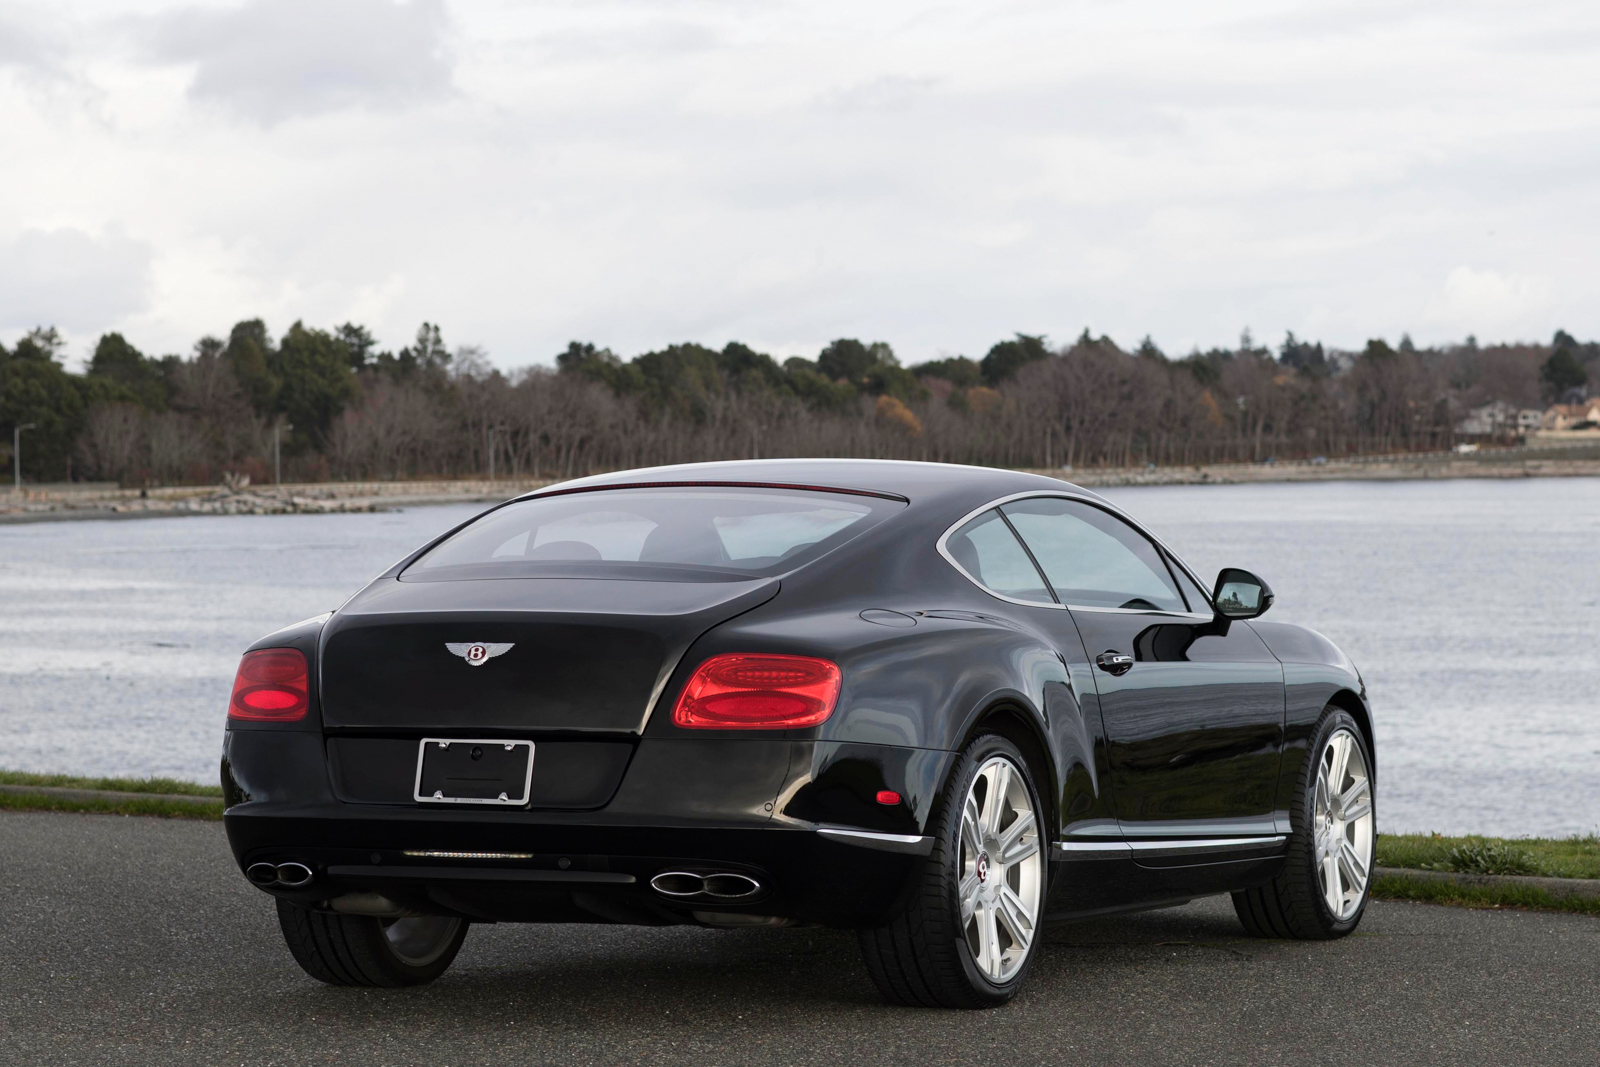 2013 Bentley Continental Gt V8 Silver Arrow Cars Ltd